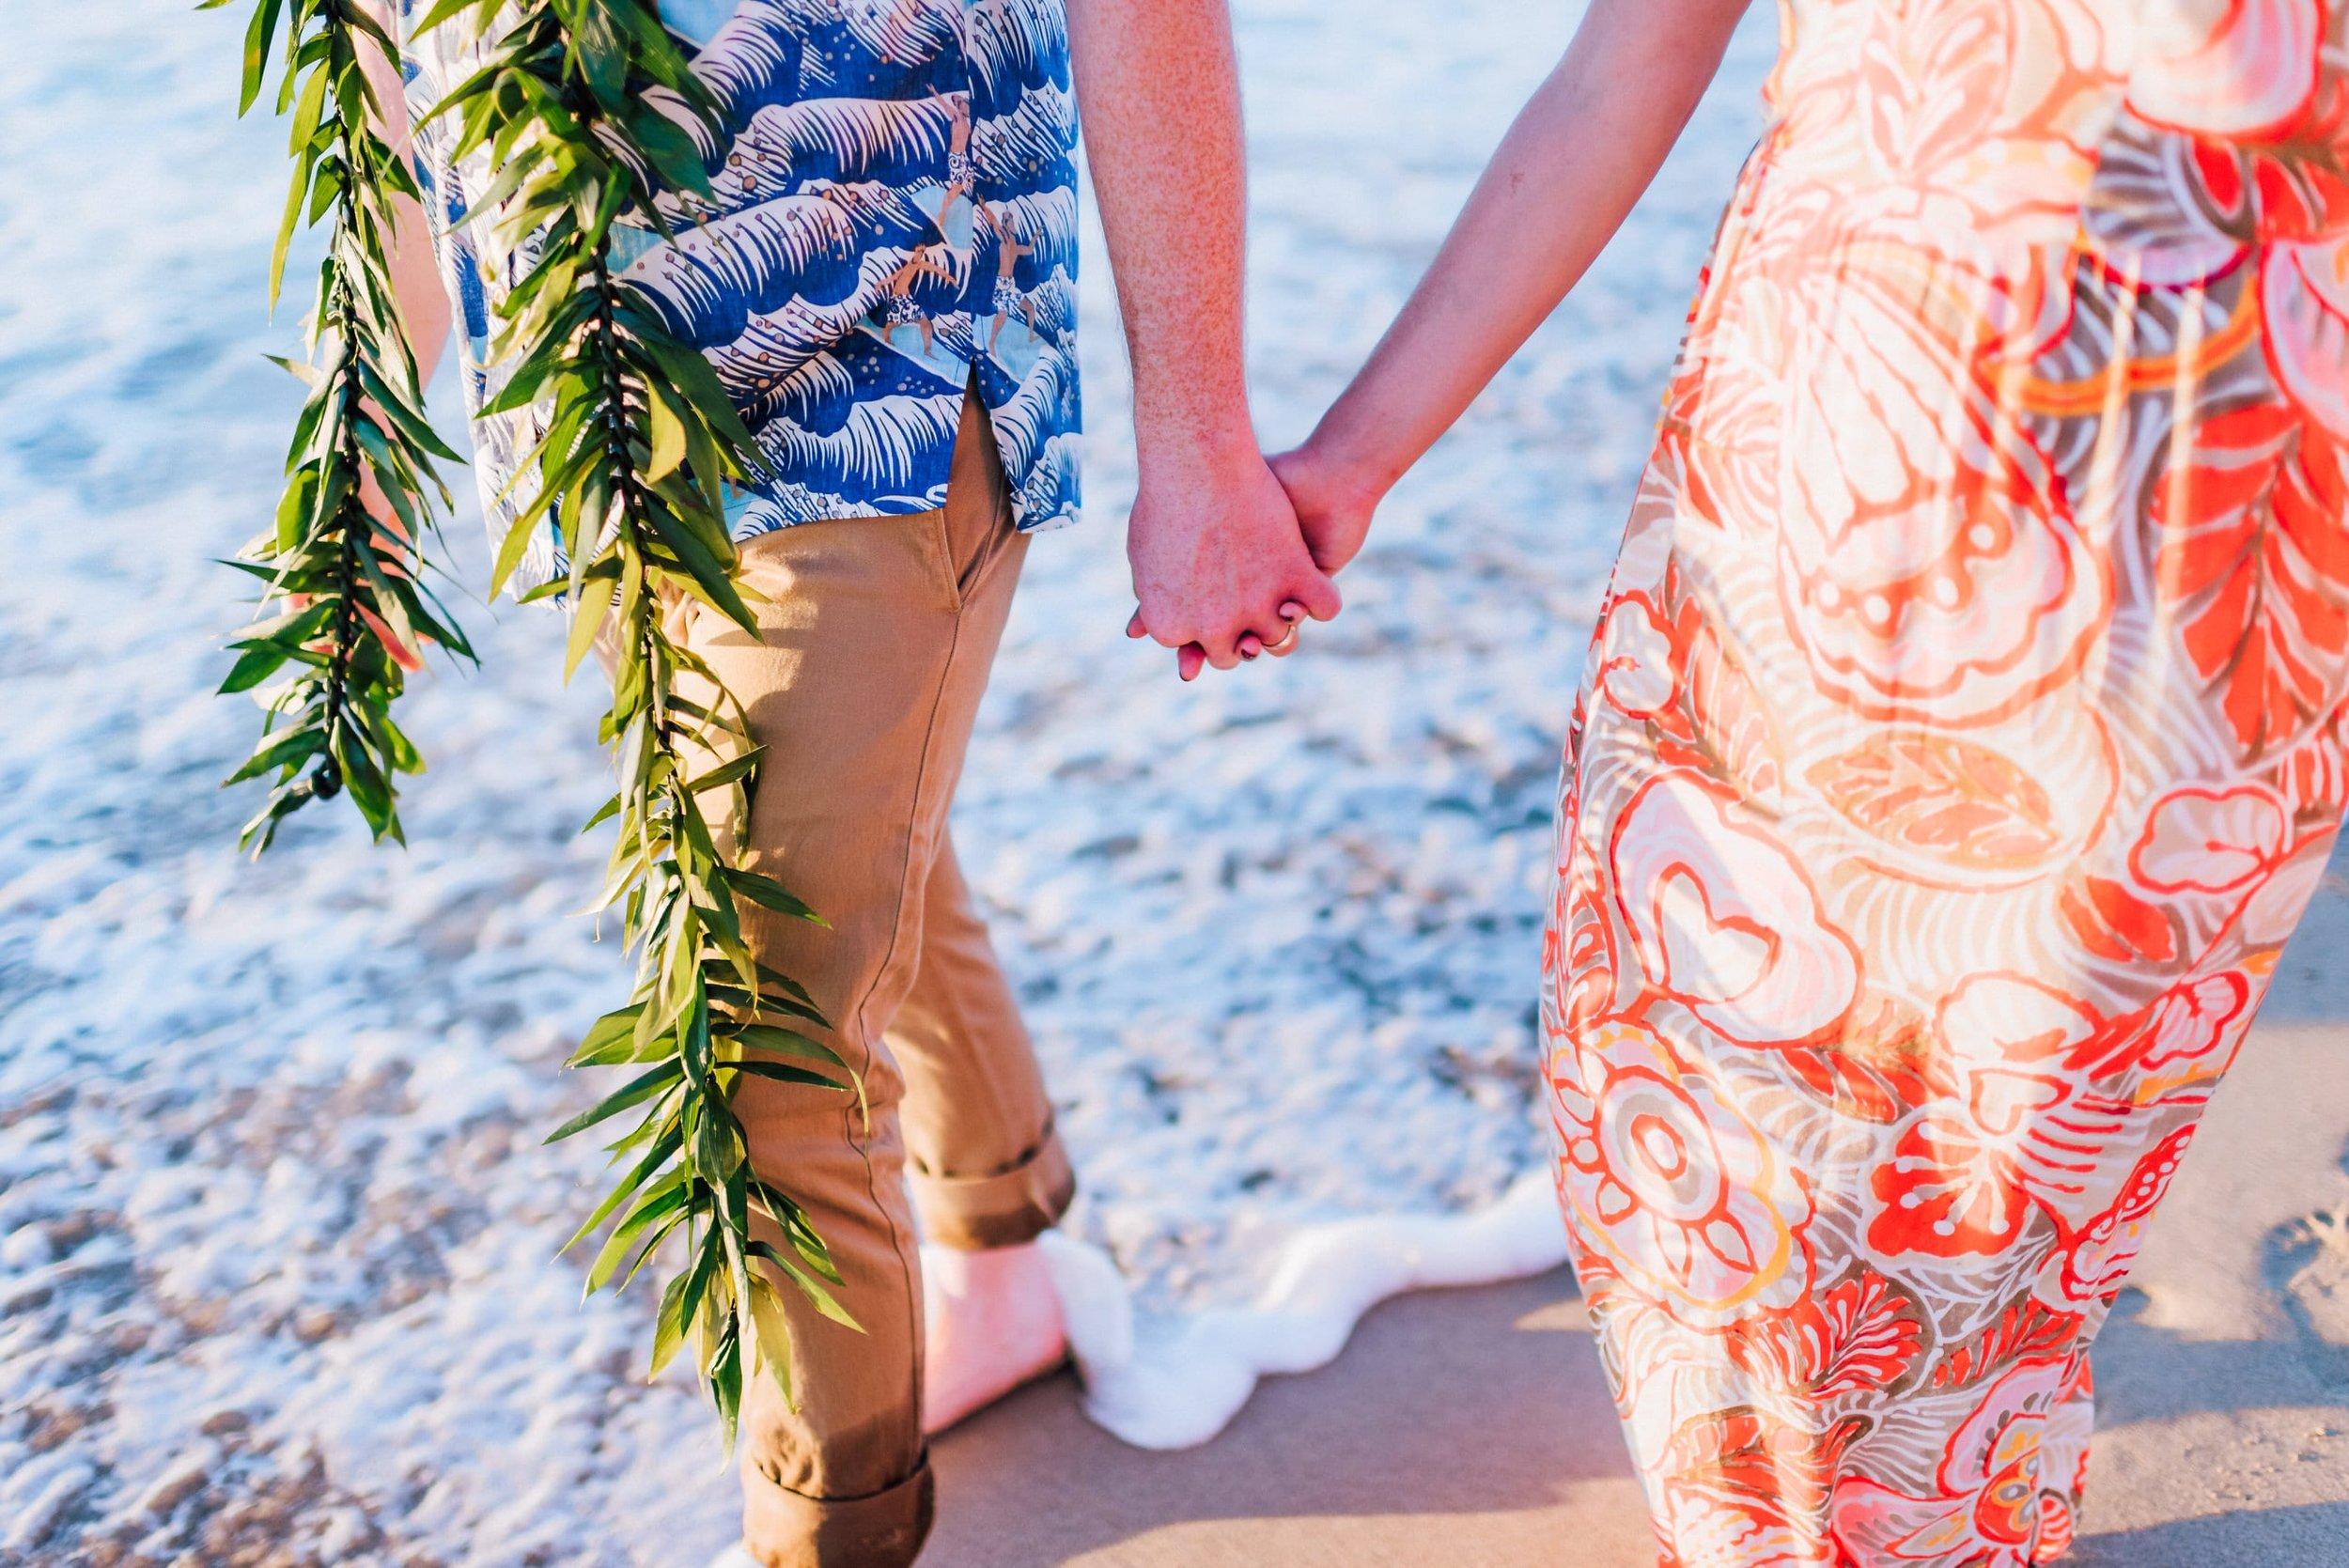 Kona-Honeymoon-Vacation-Photographer-Hawaii-13.jpg